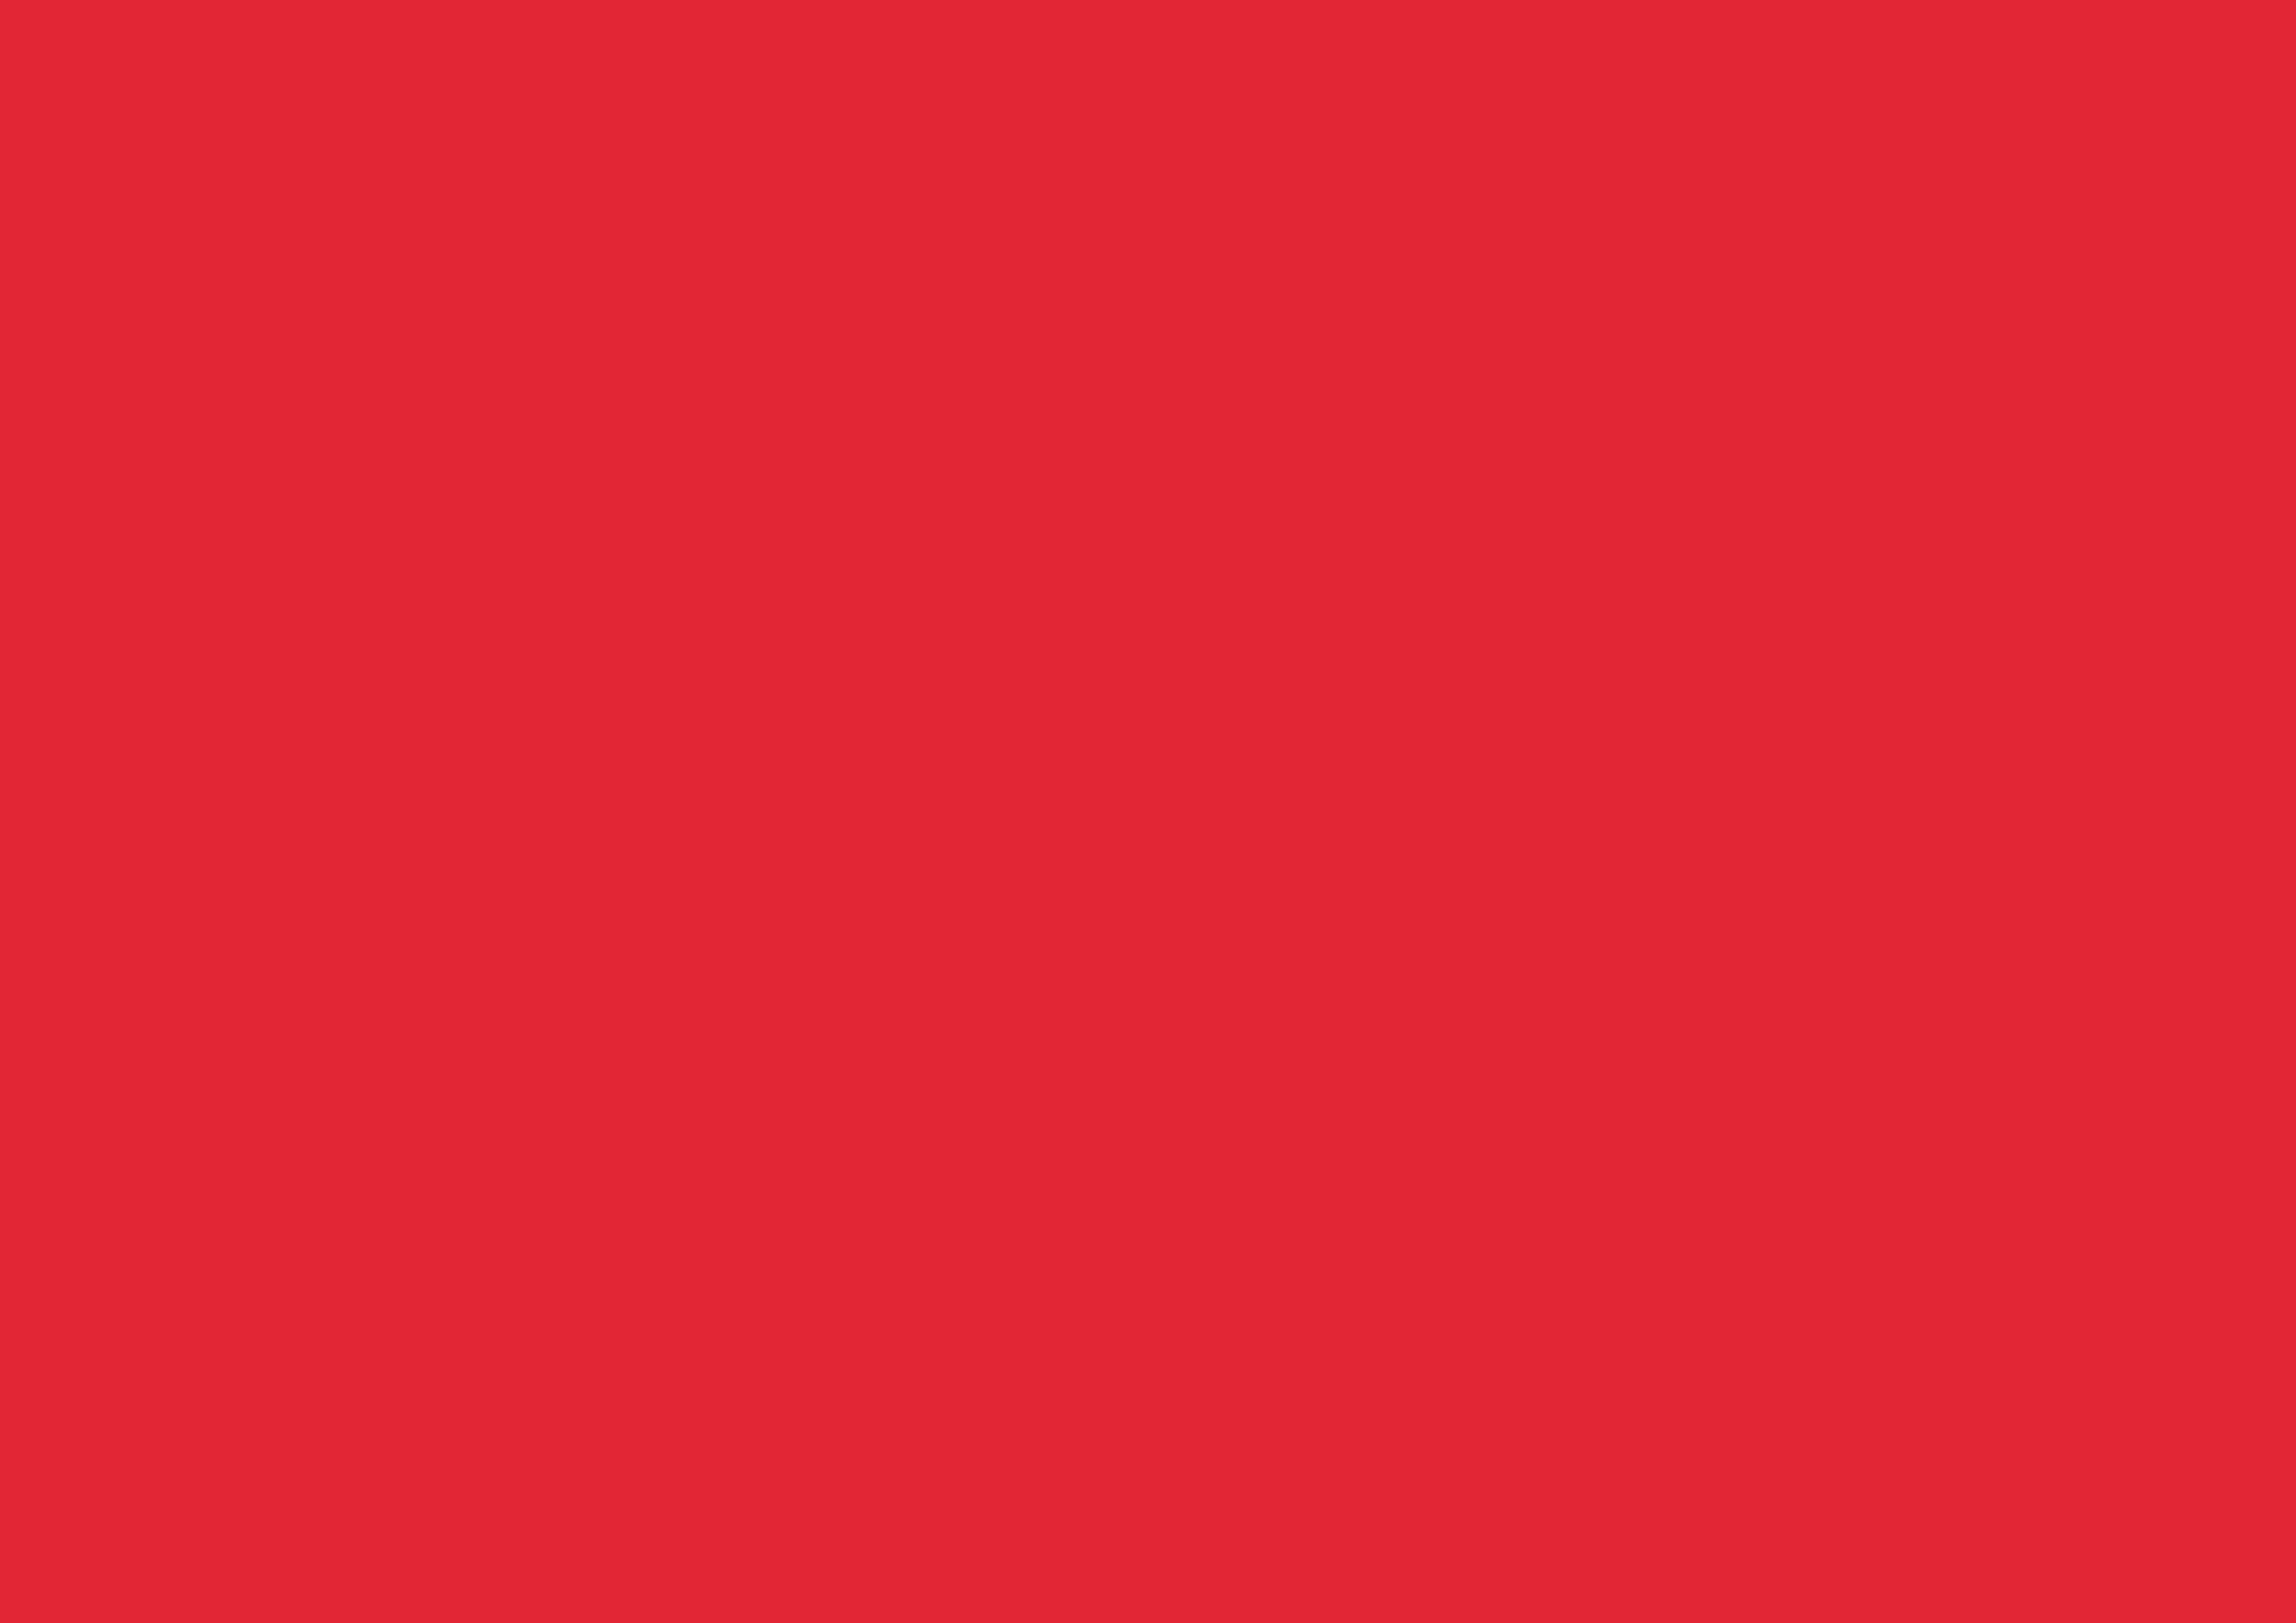 3508x2480 Rose Madder Solid Color Background